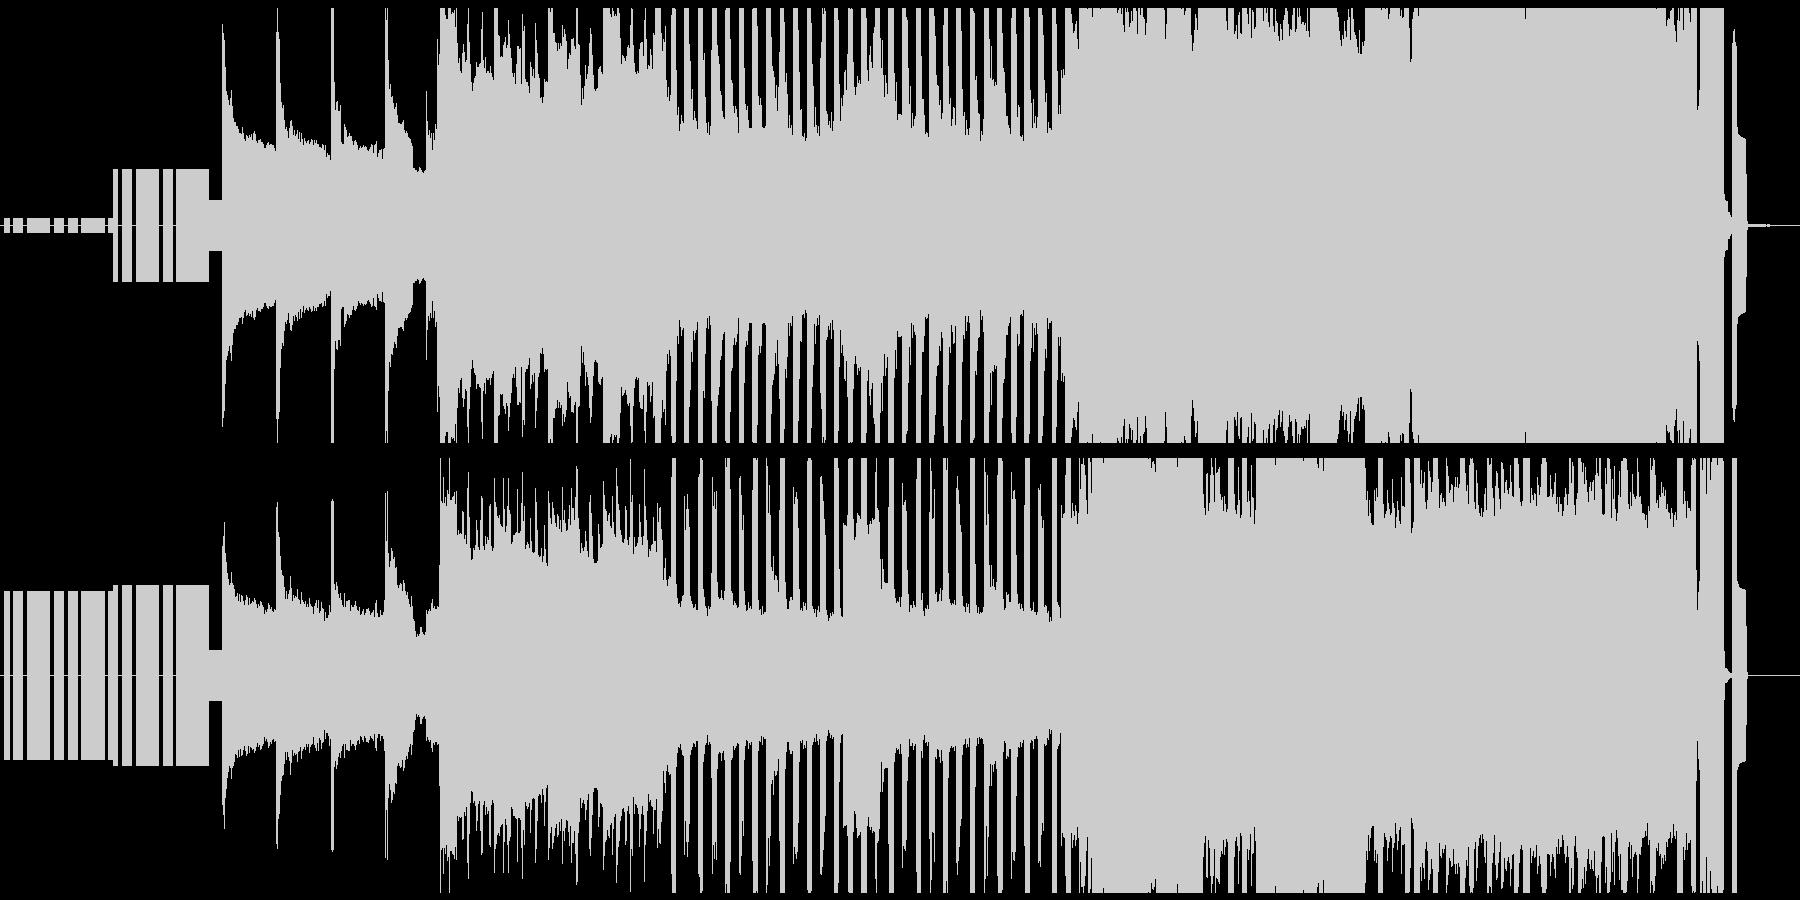 楽しさや明るさが全面に出ている8bit曲の未再生の波形